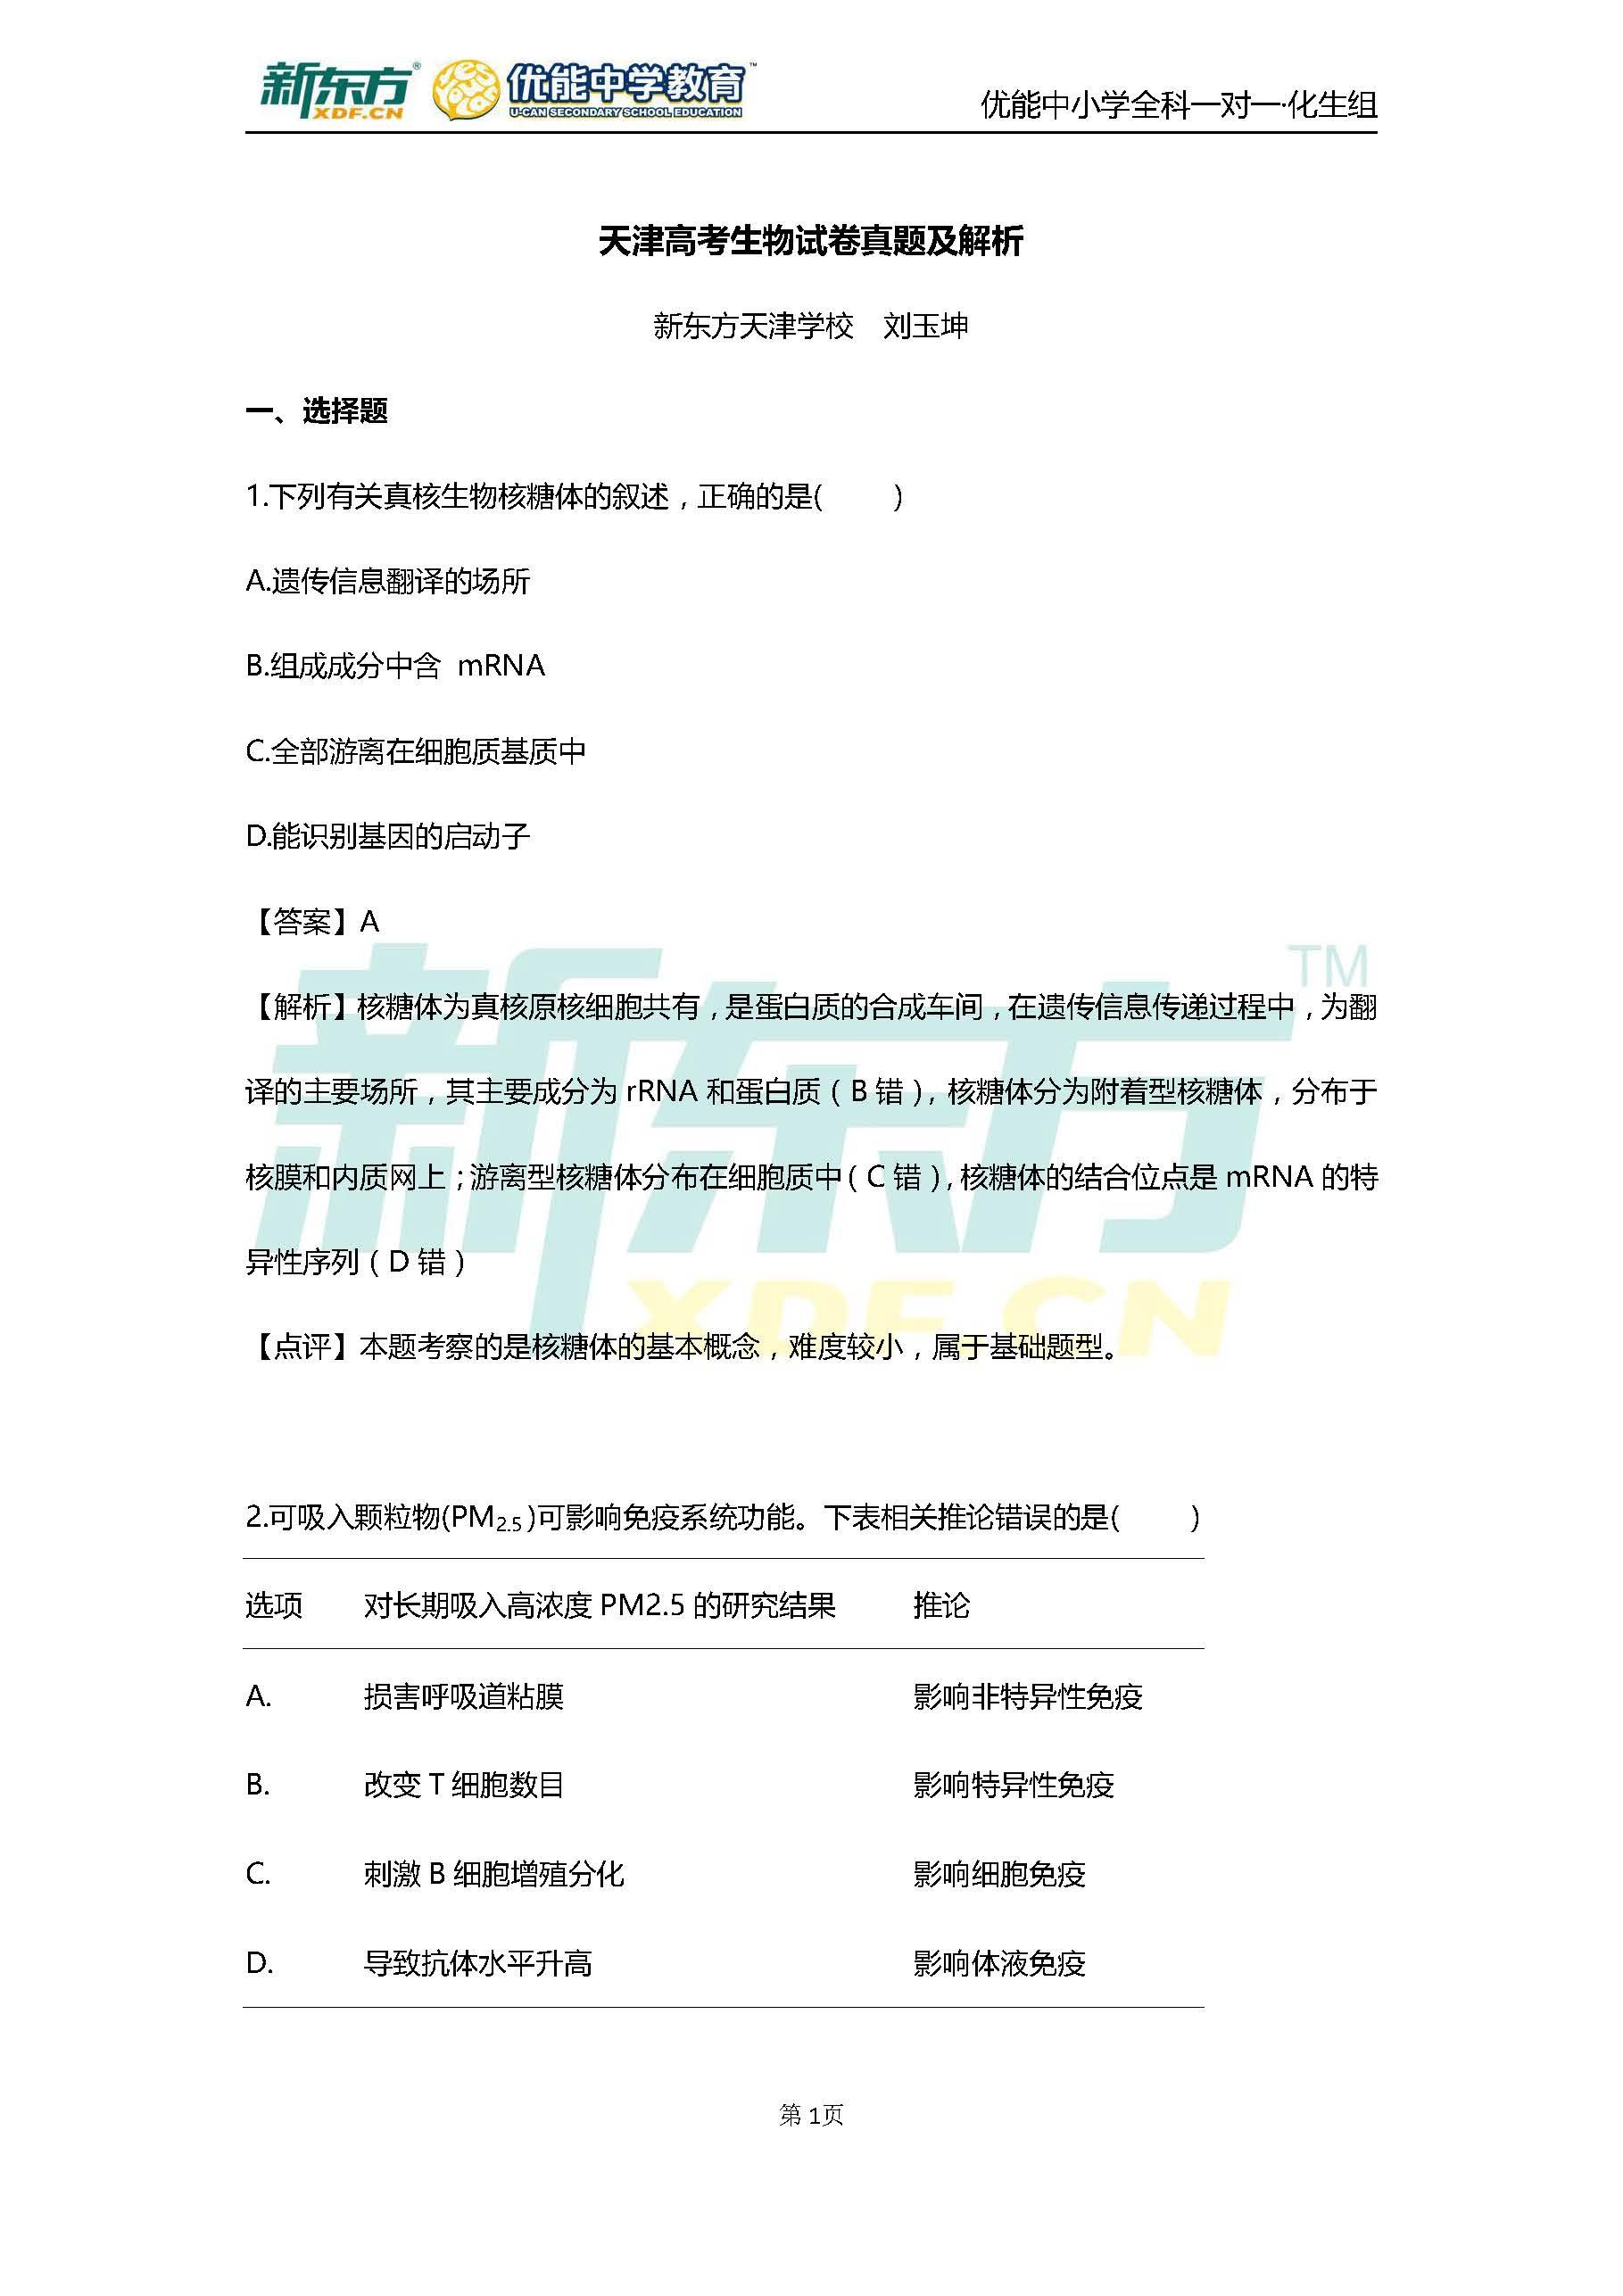 2017天津高考理综试题及答案解析(天津新东方优能)